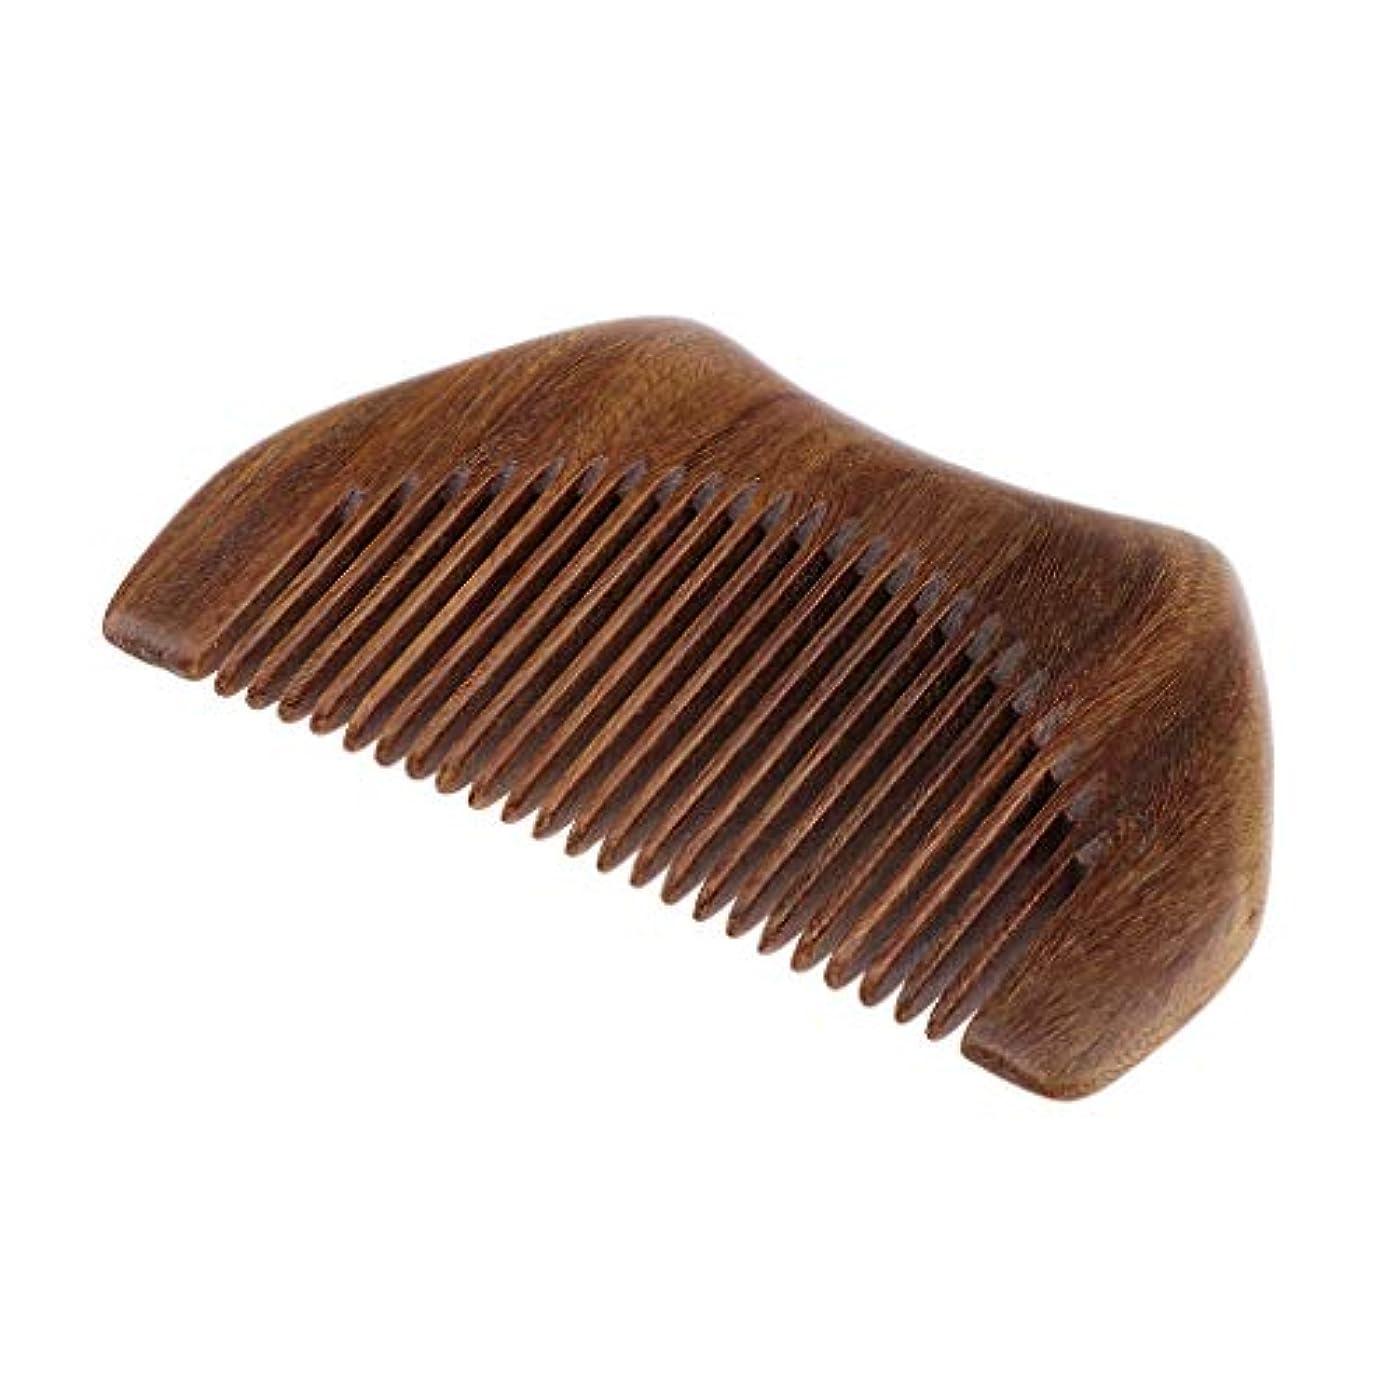 ダイエットなめらか値ヘアコーム 木製櫛 静電気防止櫛 ヘアサロン くし